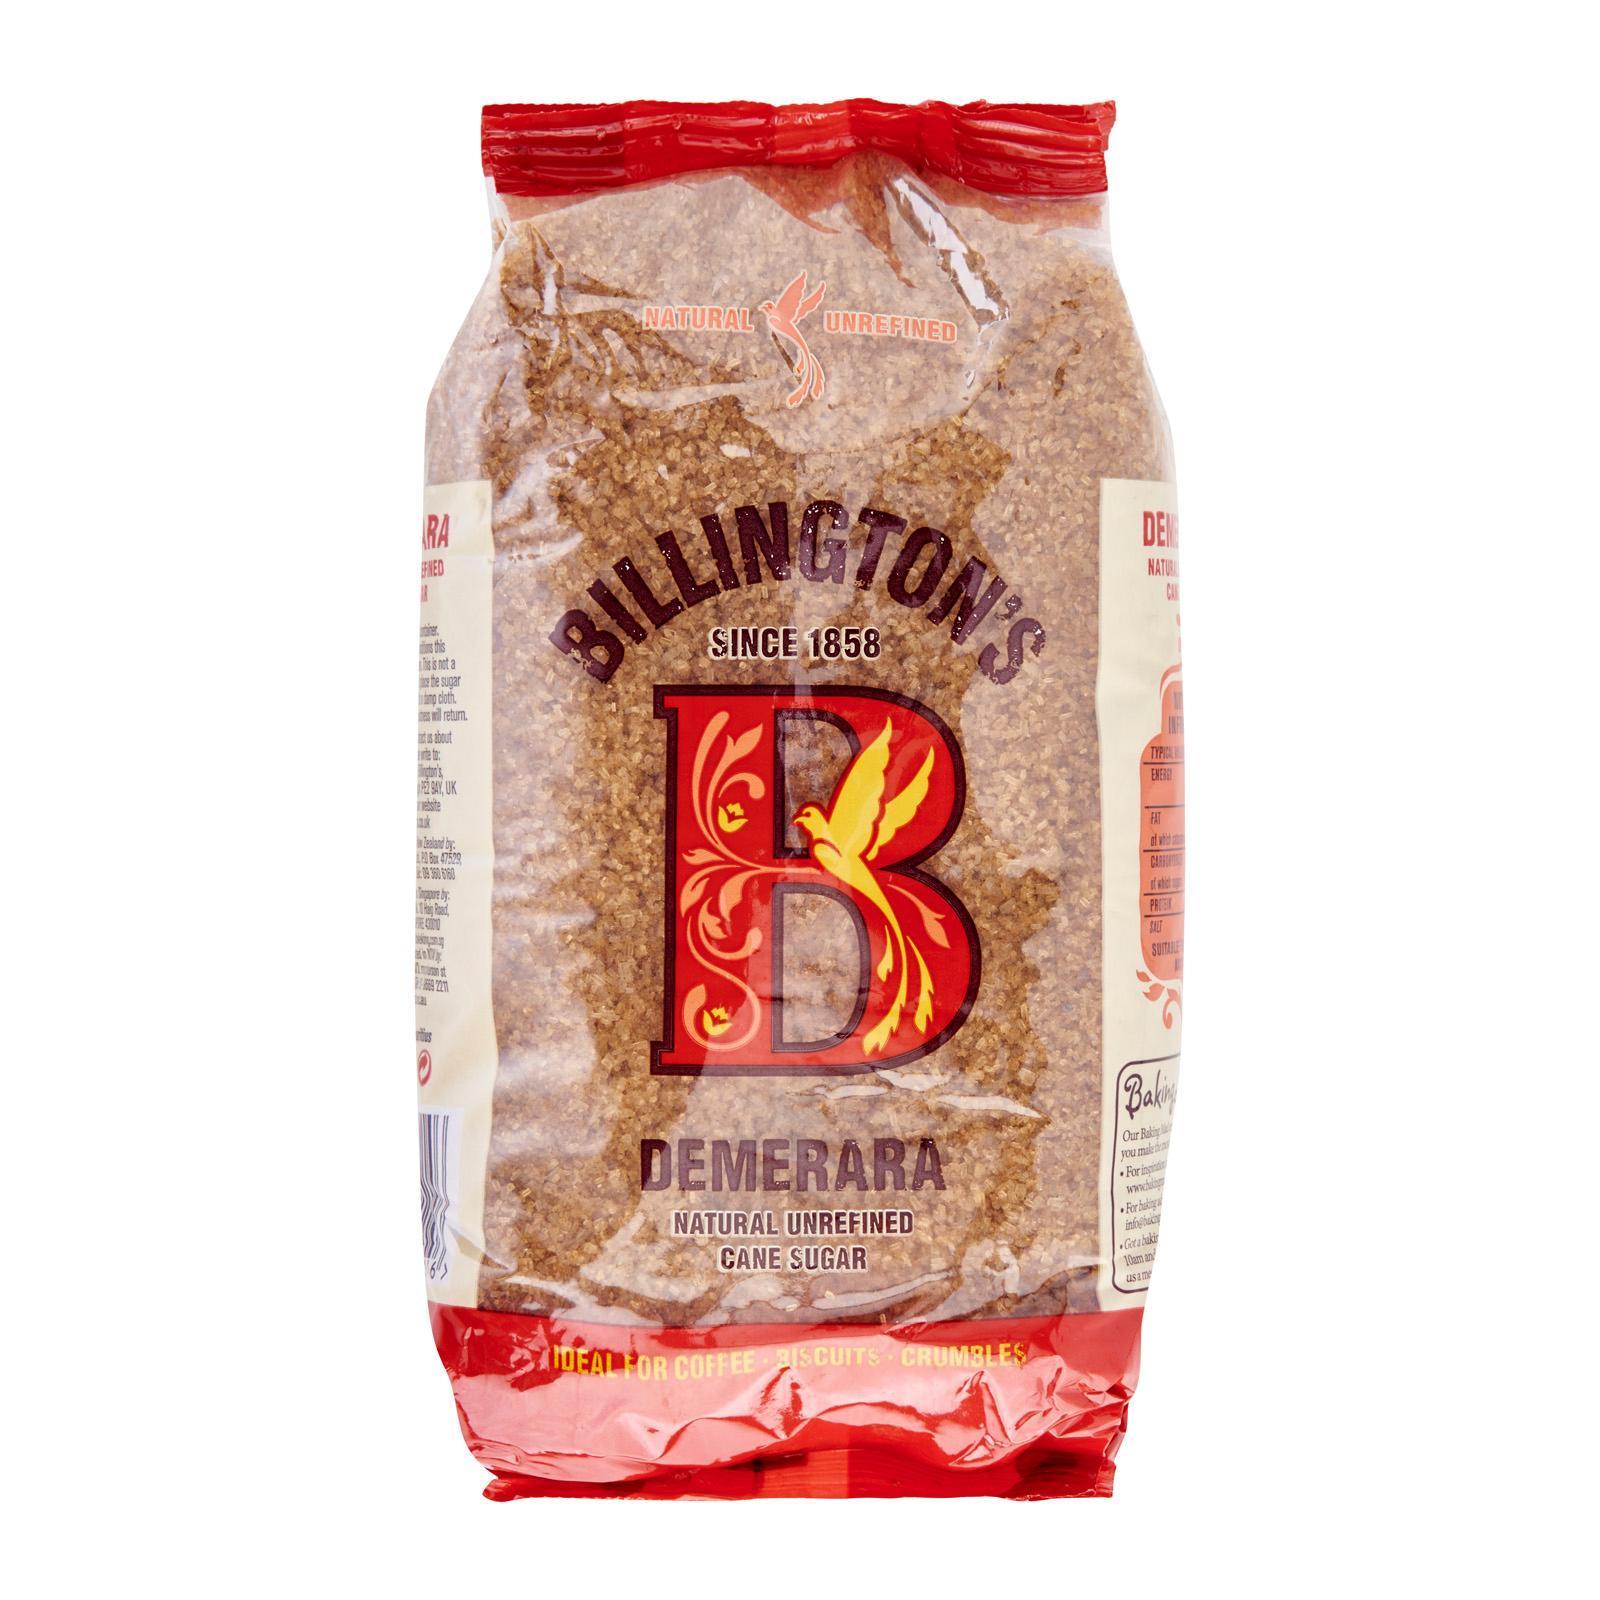 Billington's Natural Molasses Sugar